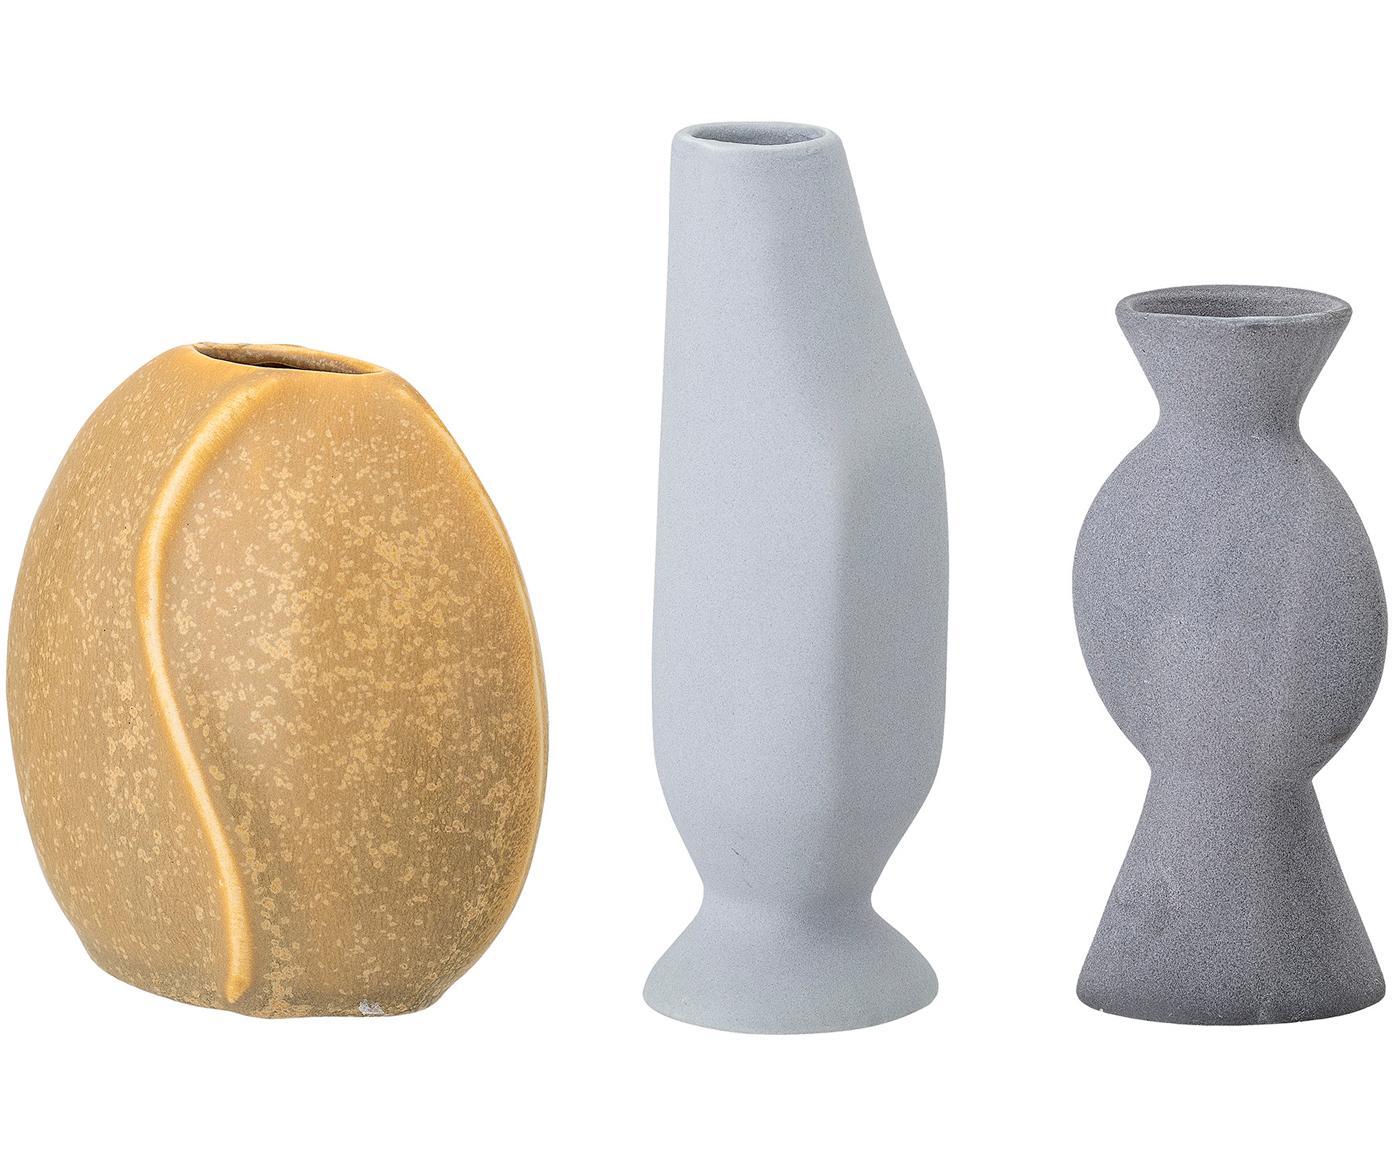 Komplet ręcznie wykonanych wazonów Lubava, 3 elem., Kamionka, Żółty, jasny szary, szary, Różne rozmiary